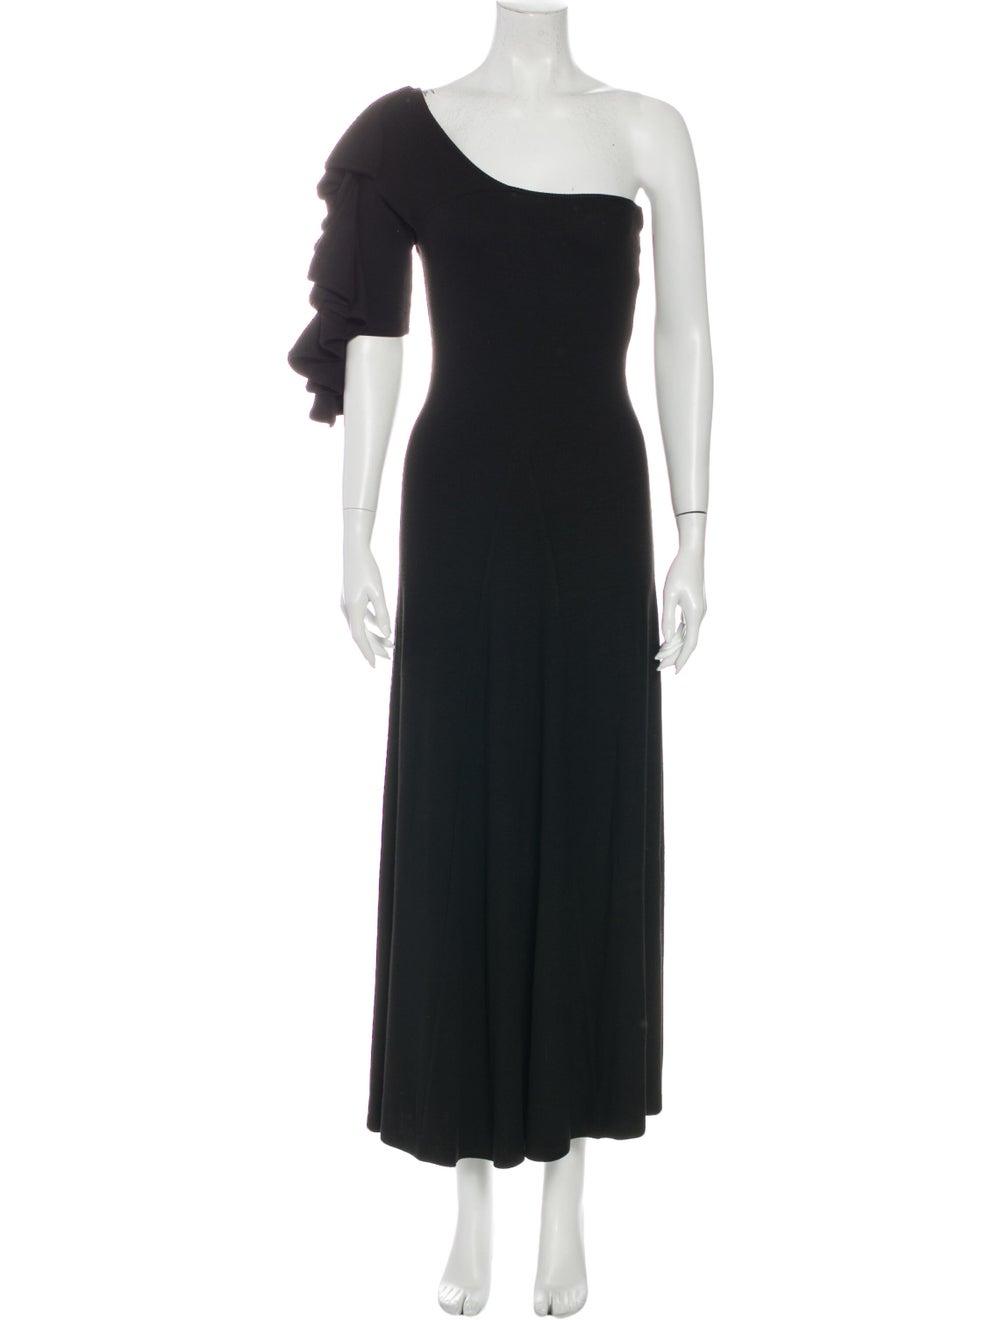 Beaufille One-Shoulder Long Dress Black - image 1